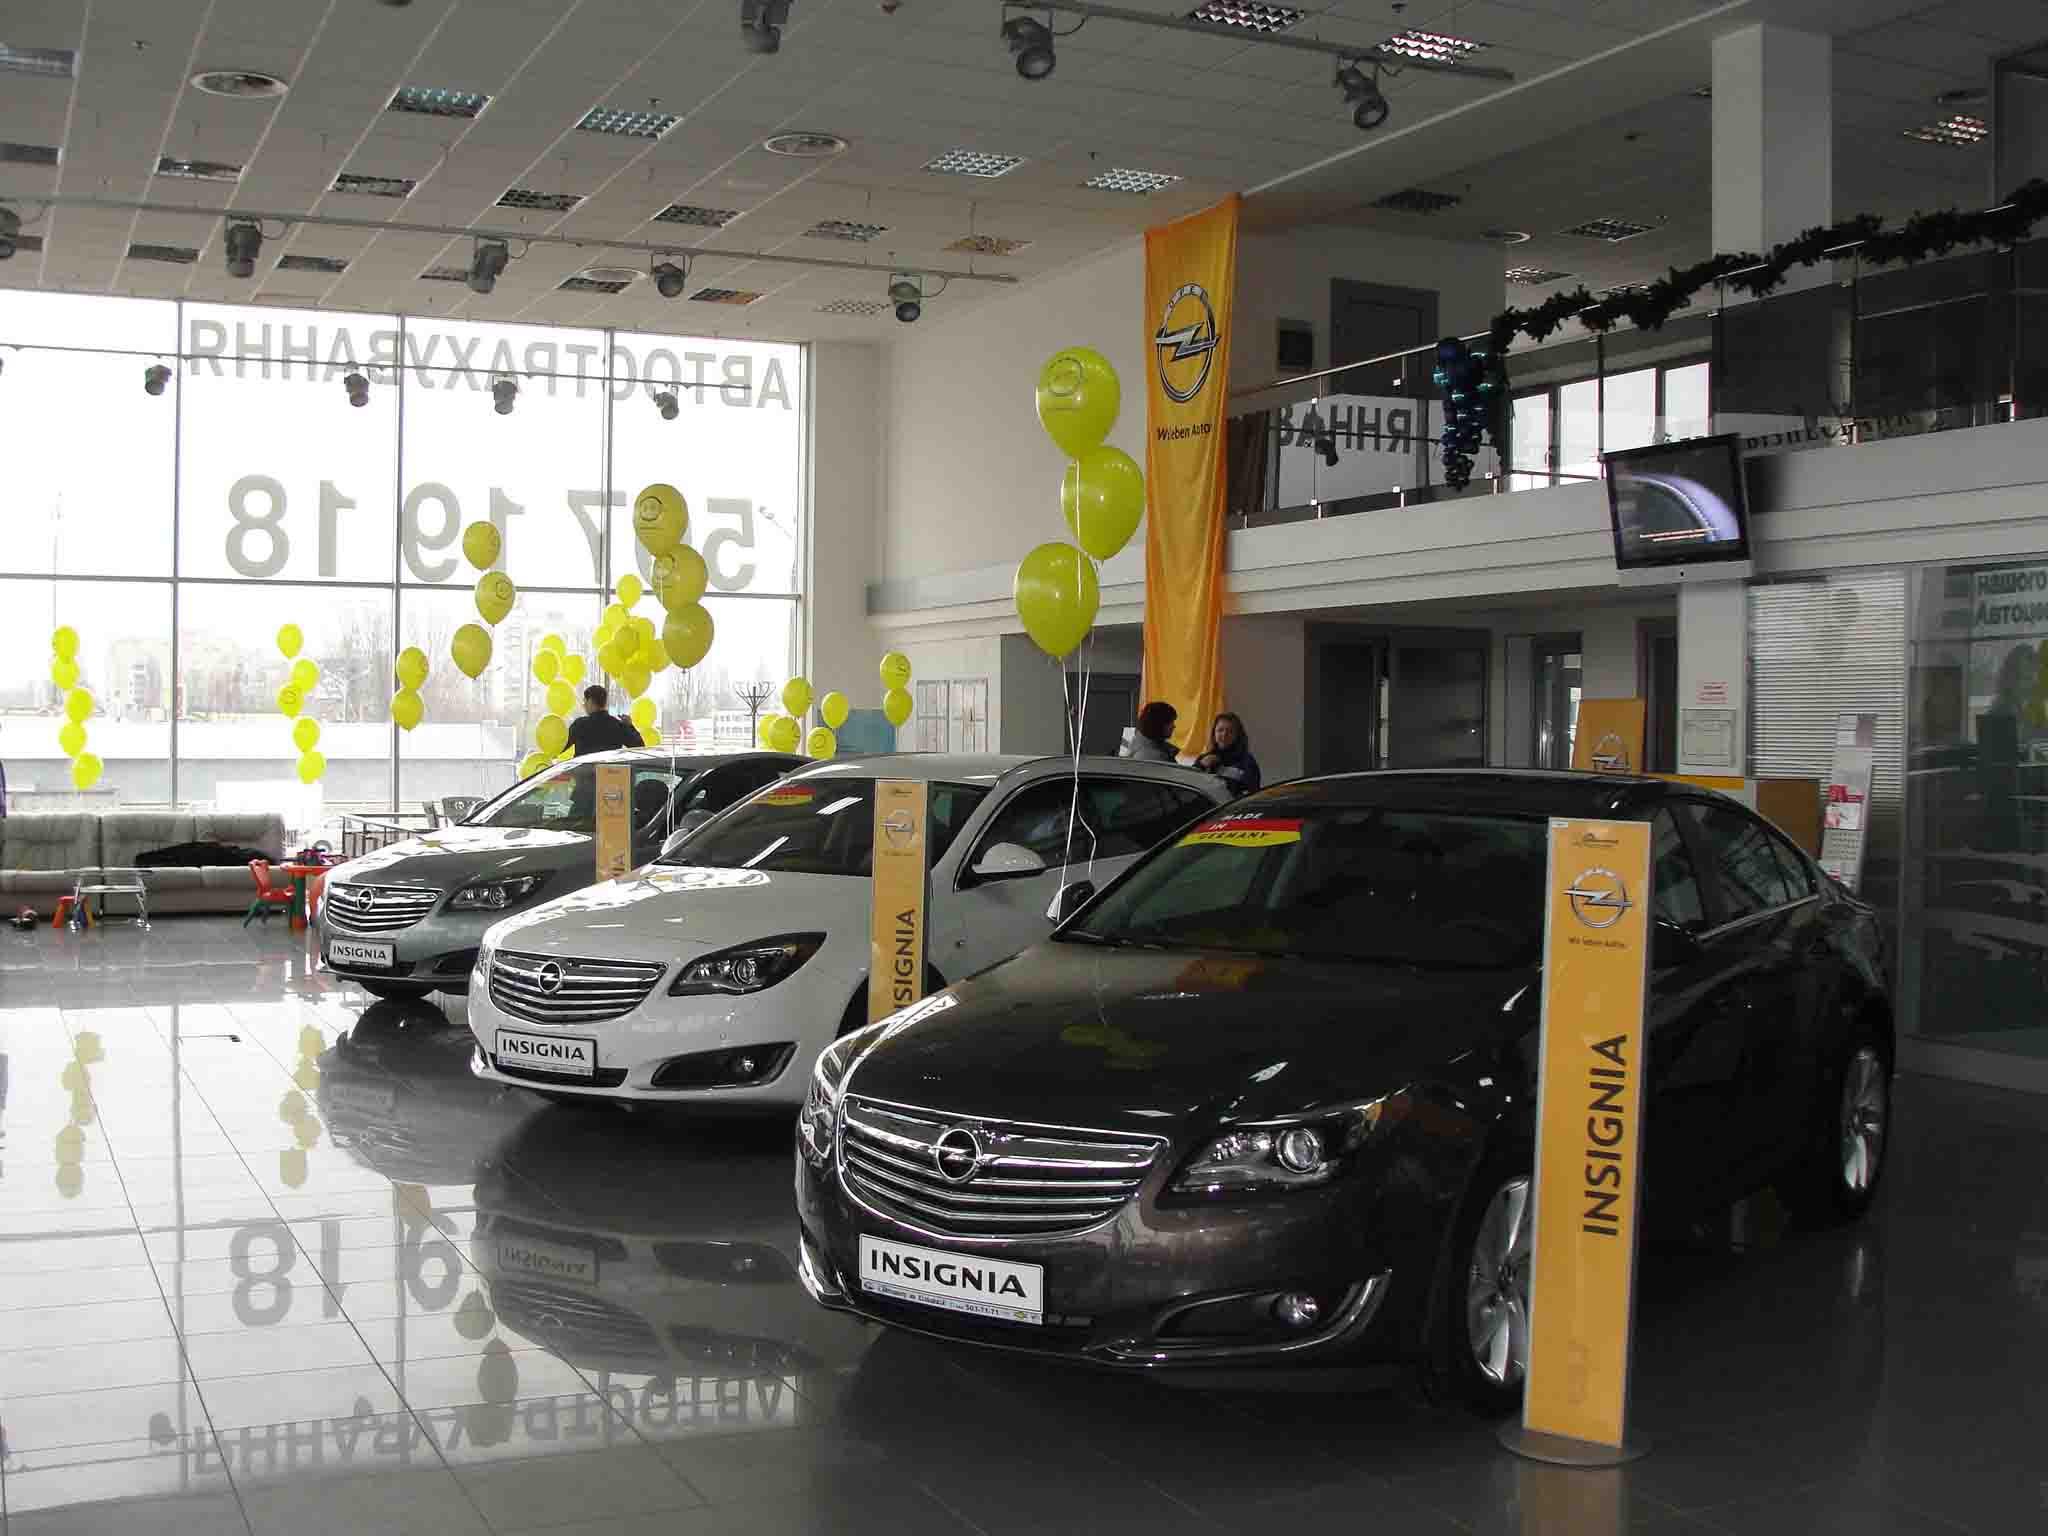 ВОренбурге автосалон выплатит 500 тыс. руб. за реализацию бракованного авто